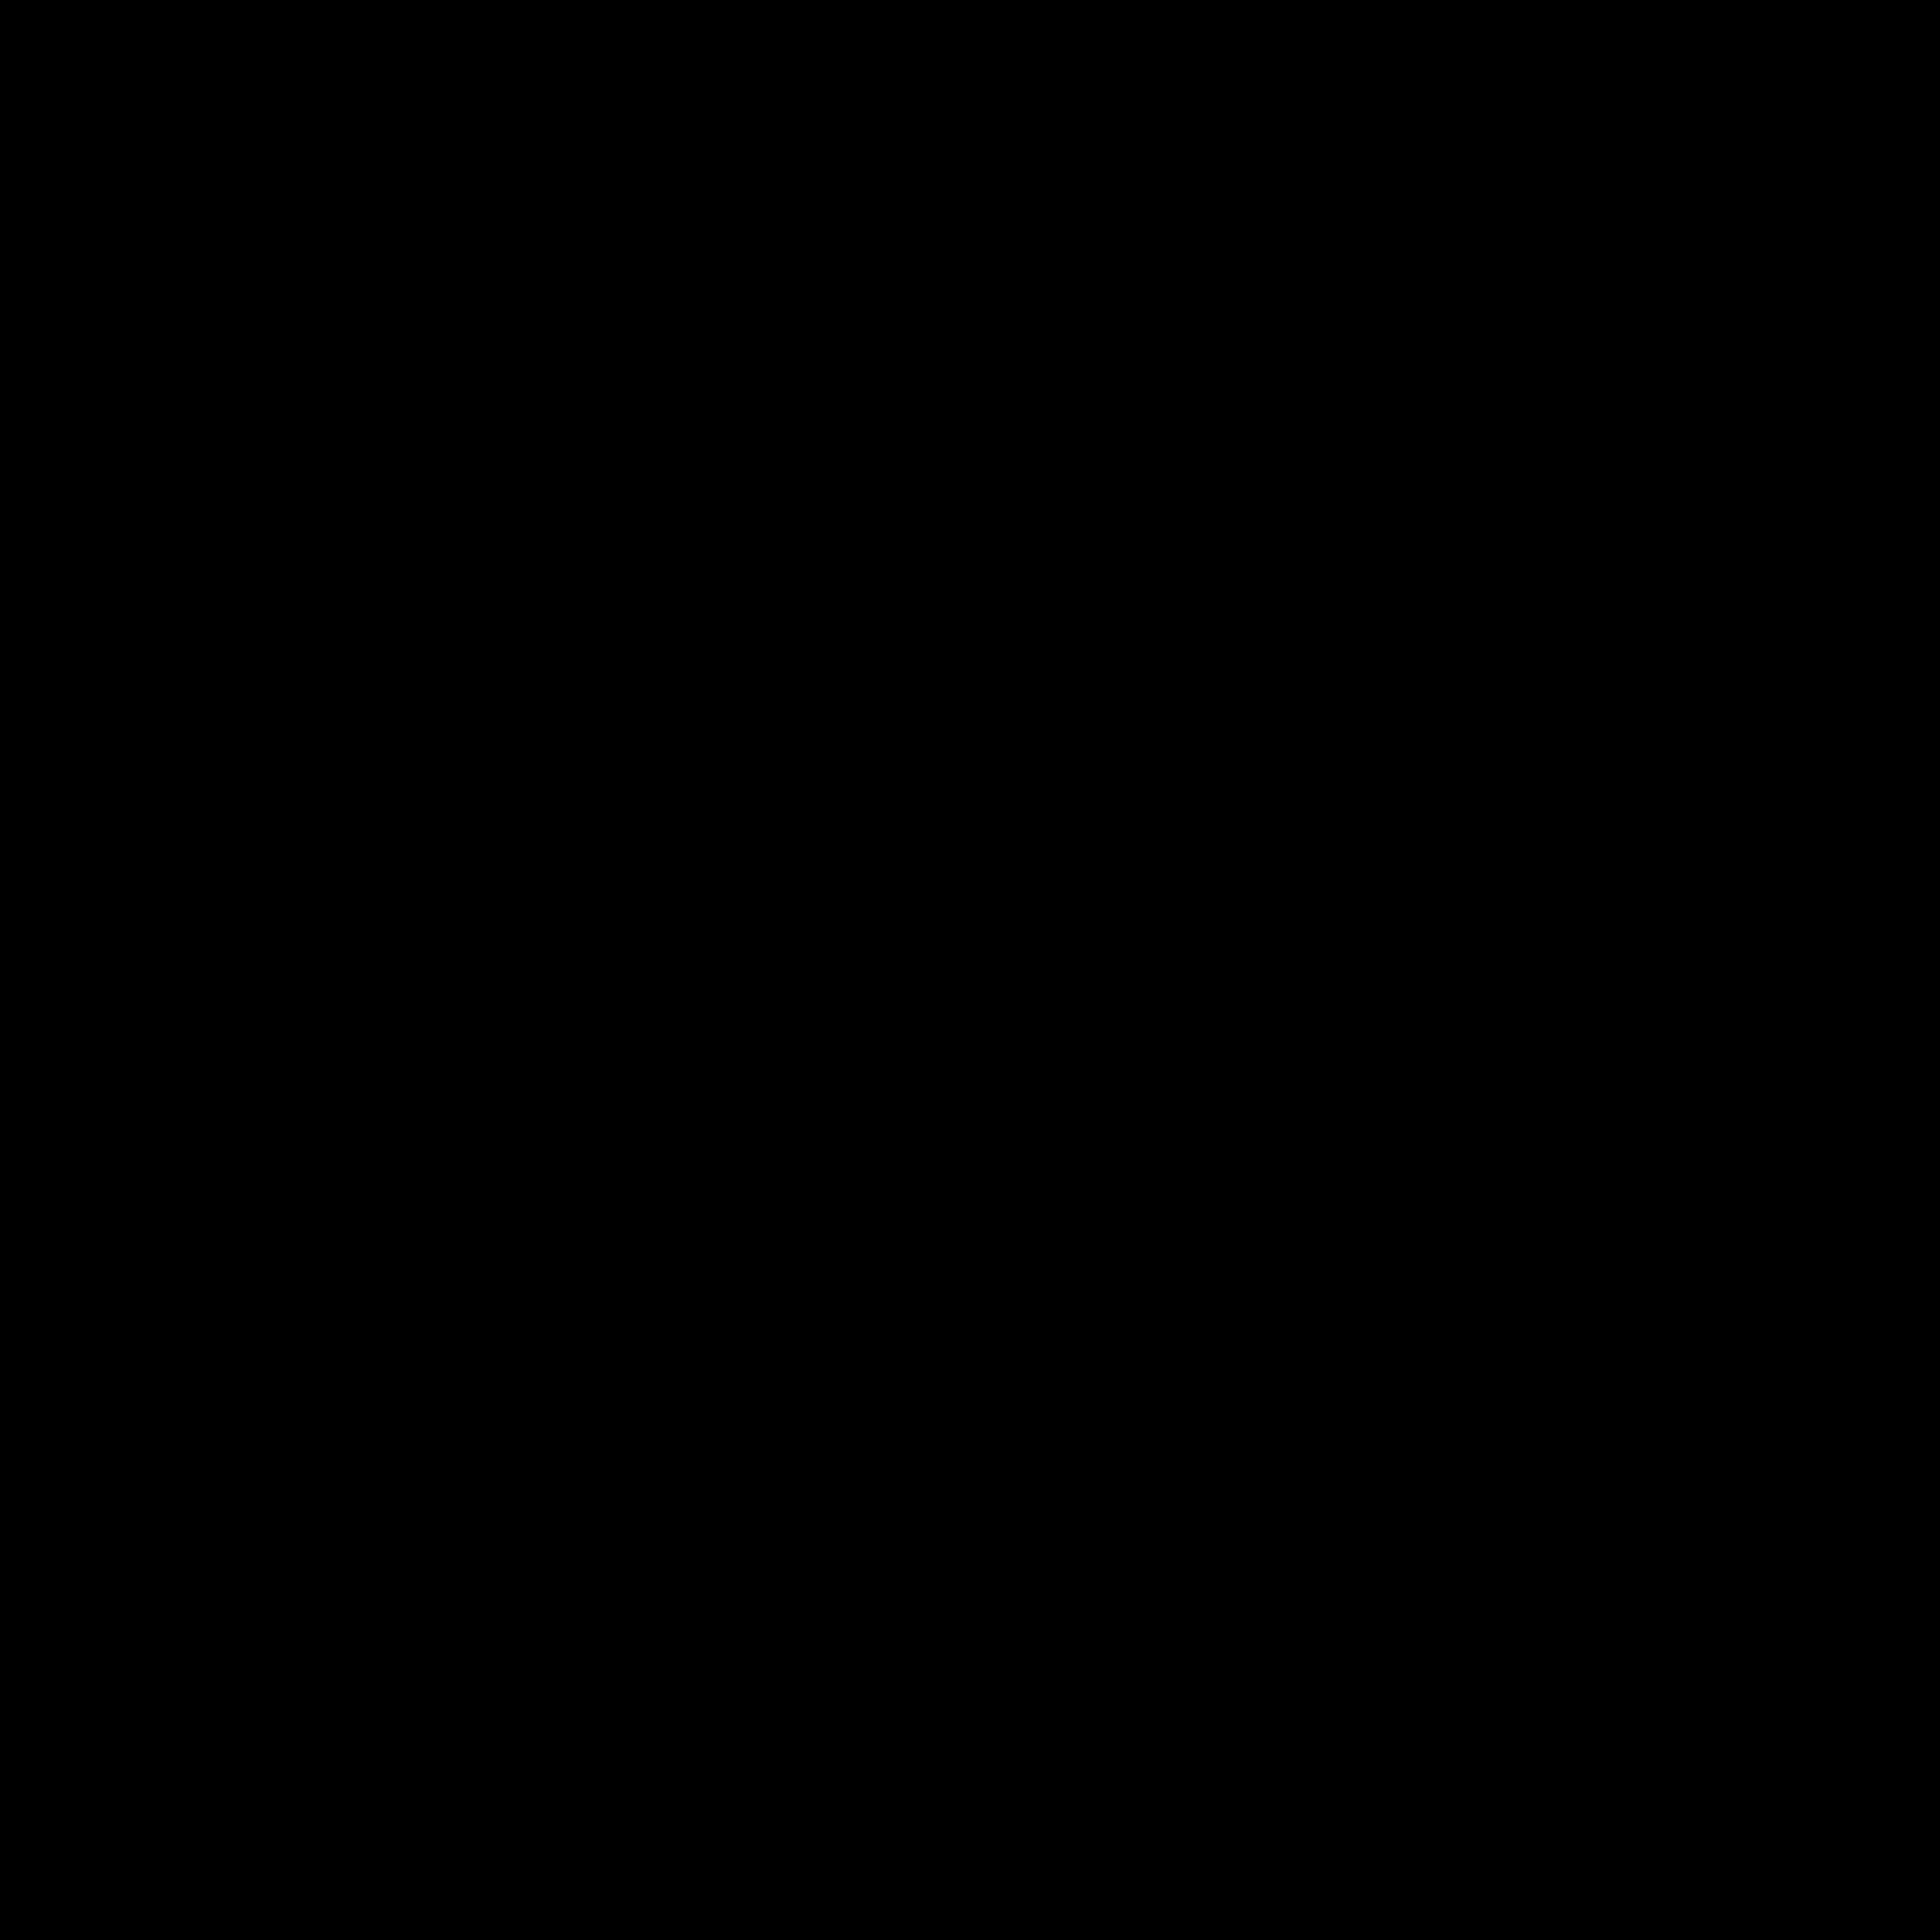 Tato Temporer 25x15cm thumbnail